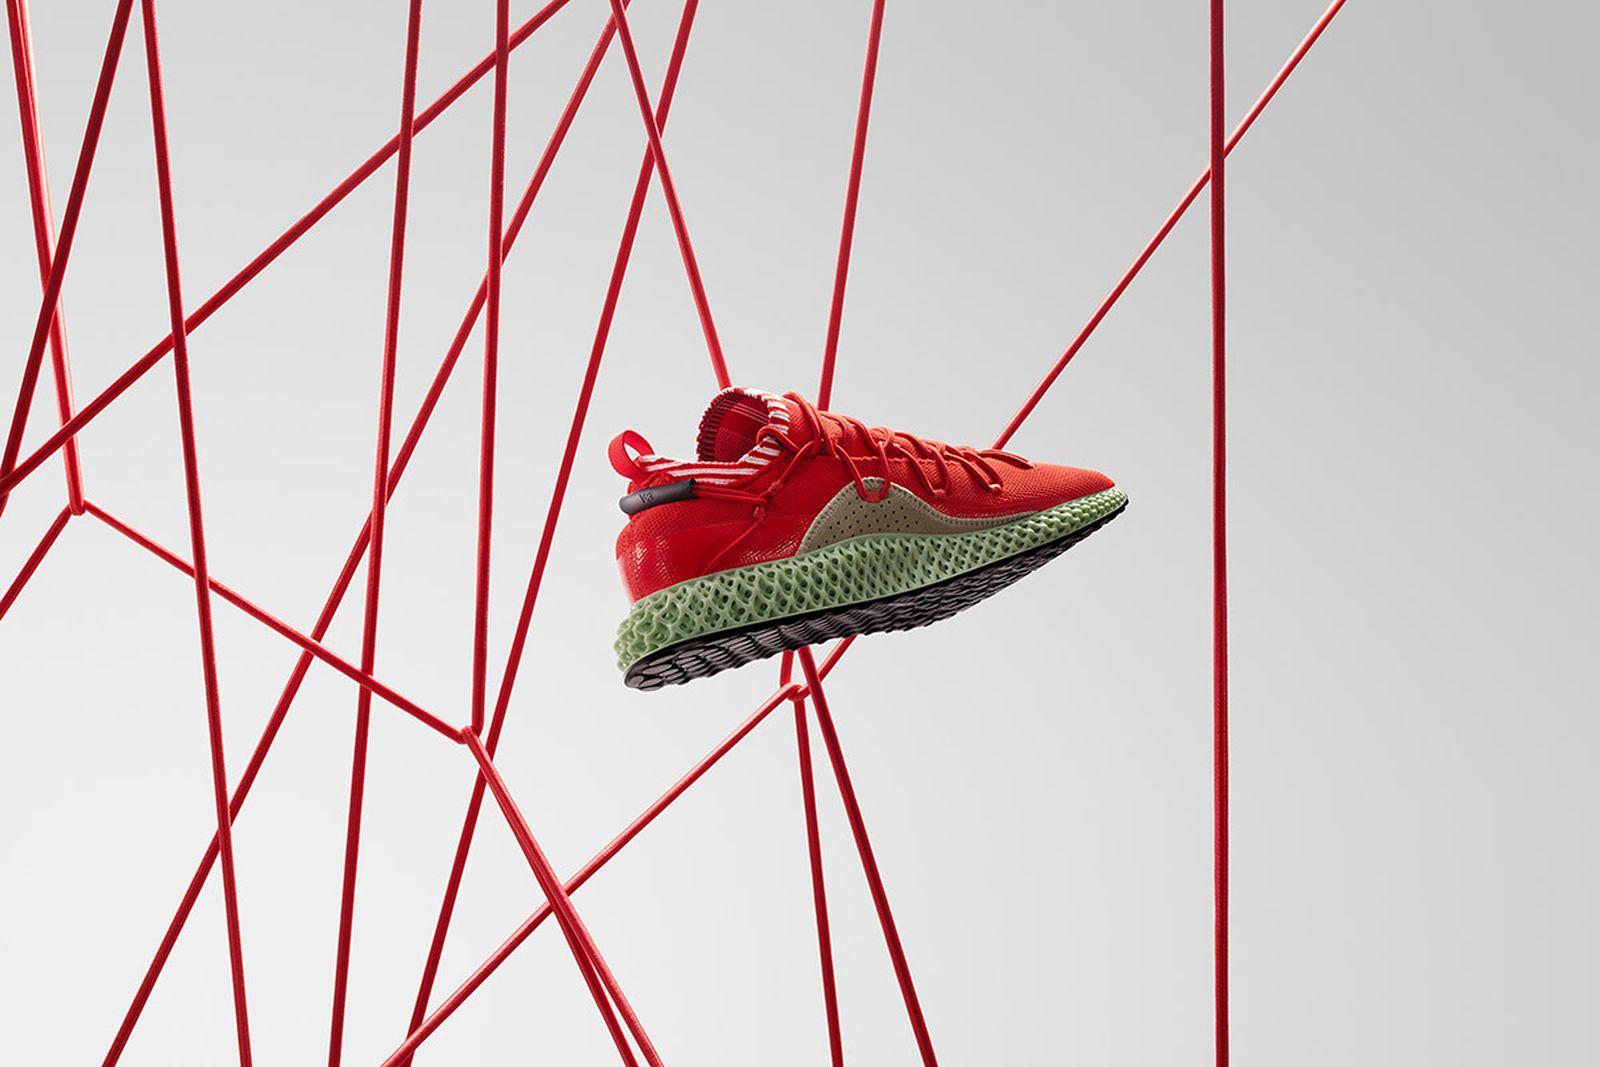 adidas y 3 4d runner red release date price Y-3 4D Runner adidas Y-3